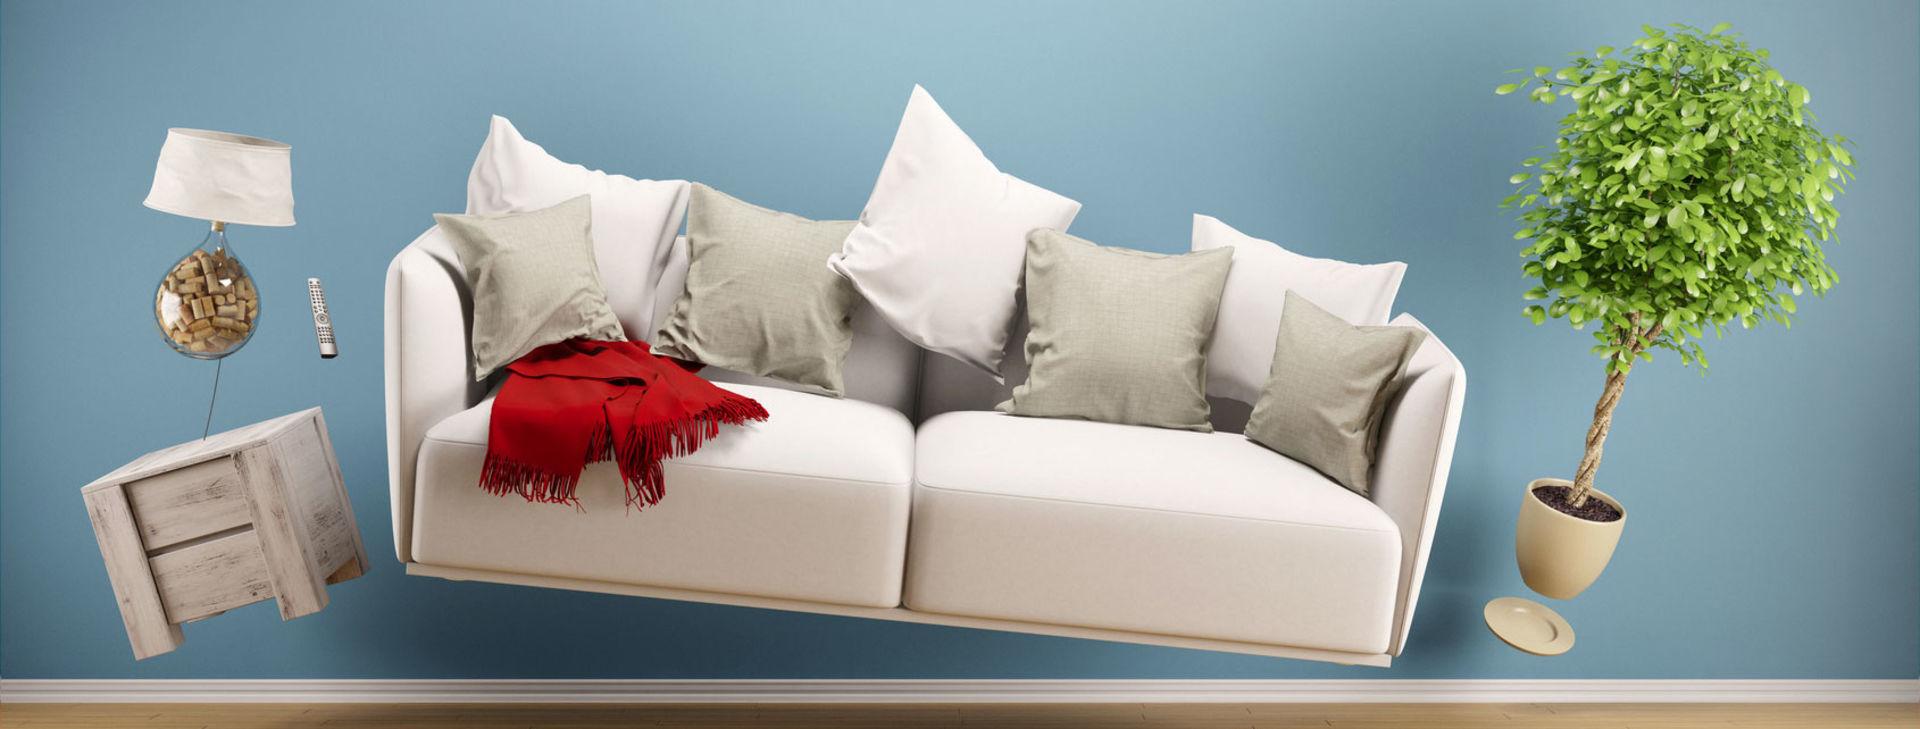 Mit Home Staging Immobilien Besser Verkaufen | HOMEDAY